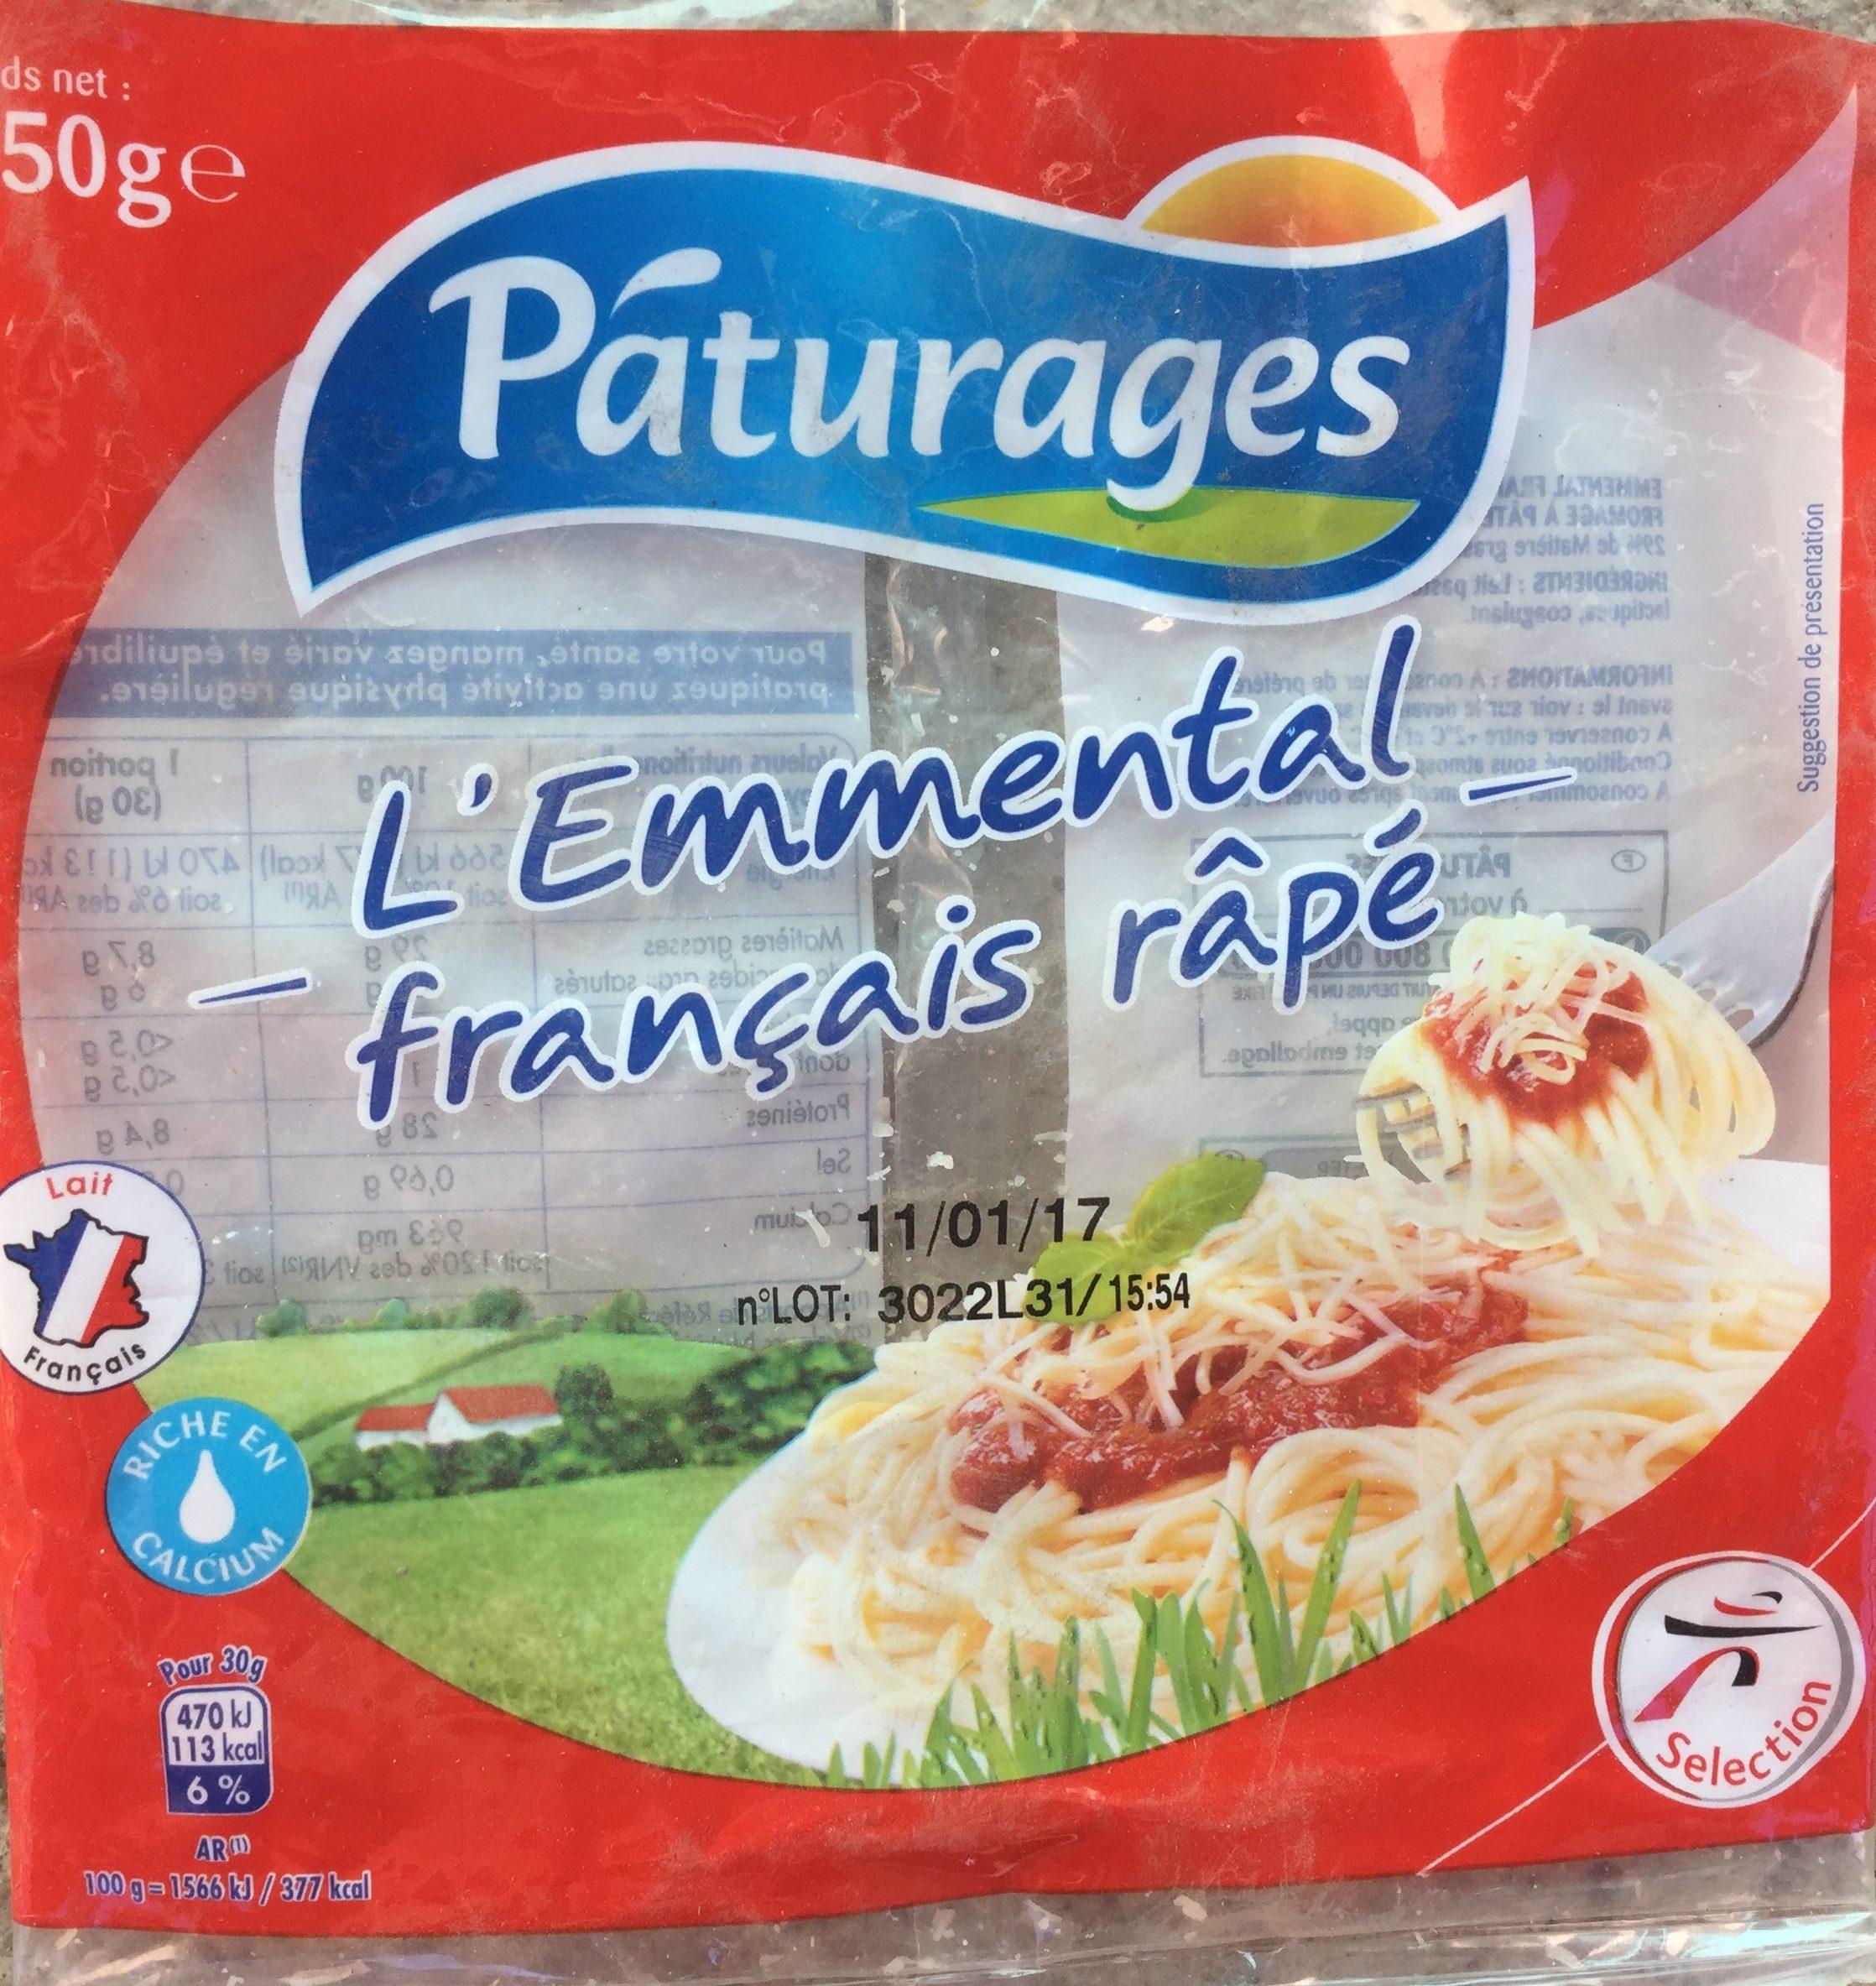 Emmental français rapé - Product - fr